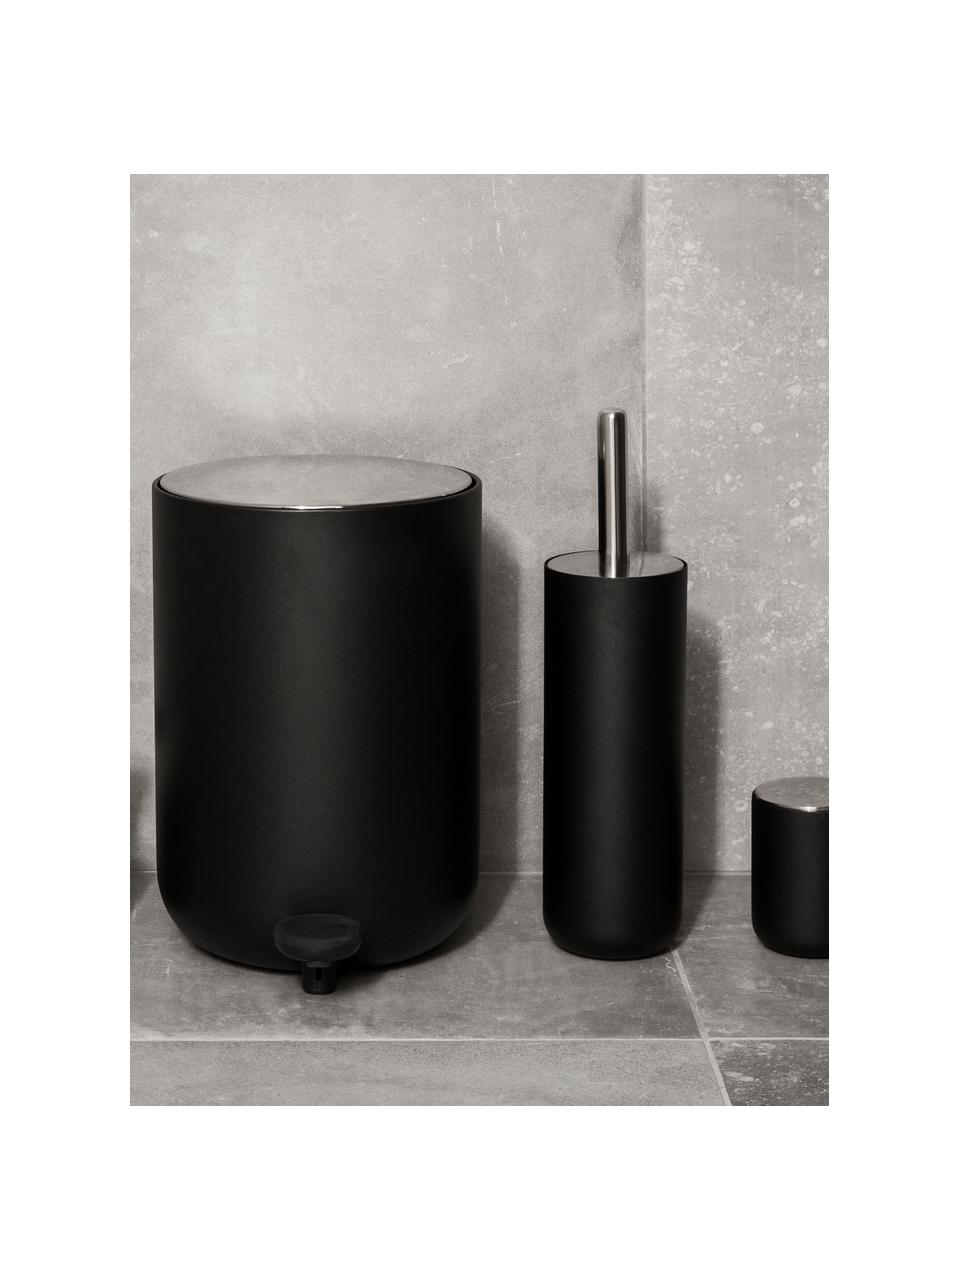 Toilettenbürste Matty aus Kunststoff mit Metallgriff, Metall, Kunststoff, Schwarz, Ø 10 x H 40 cm